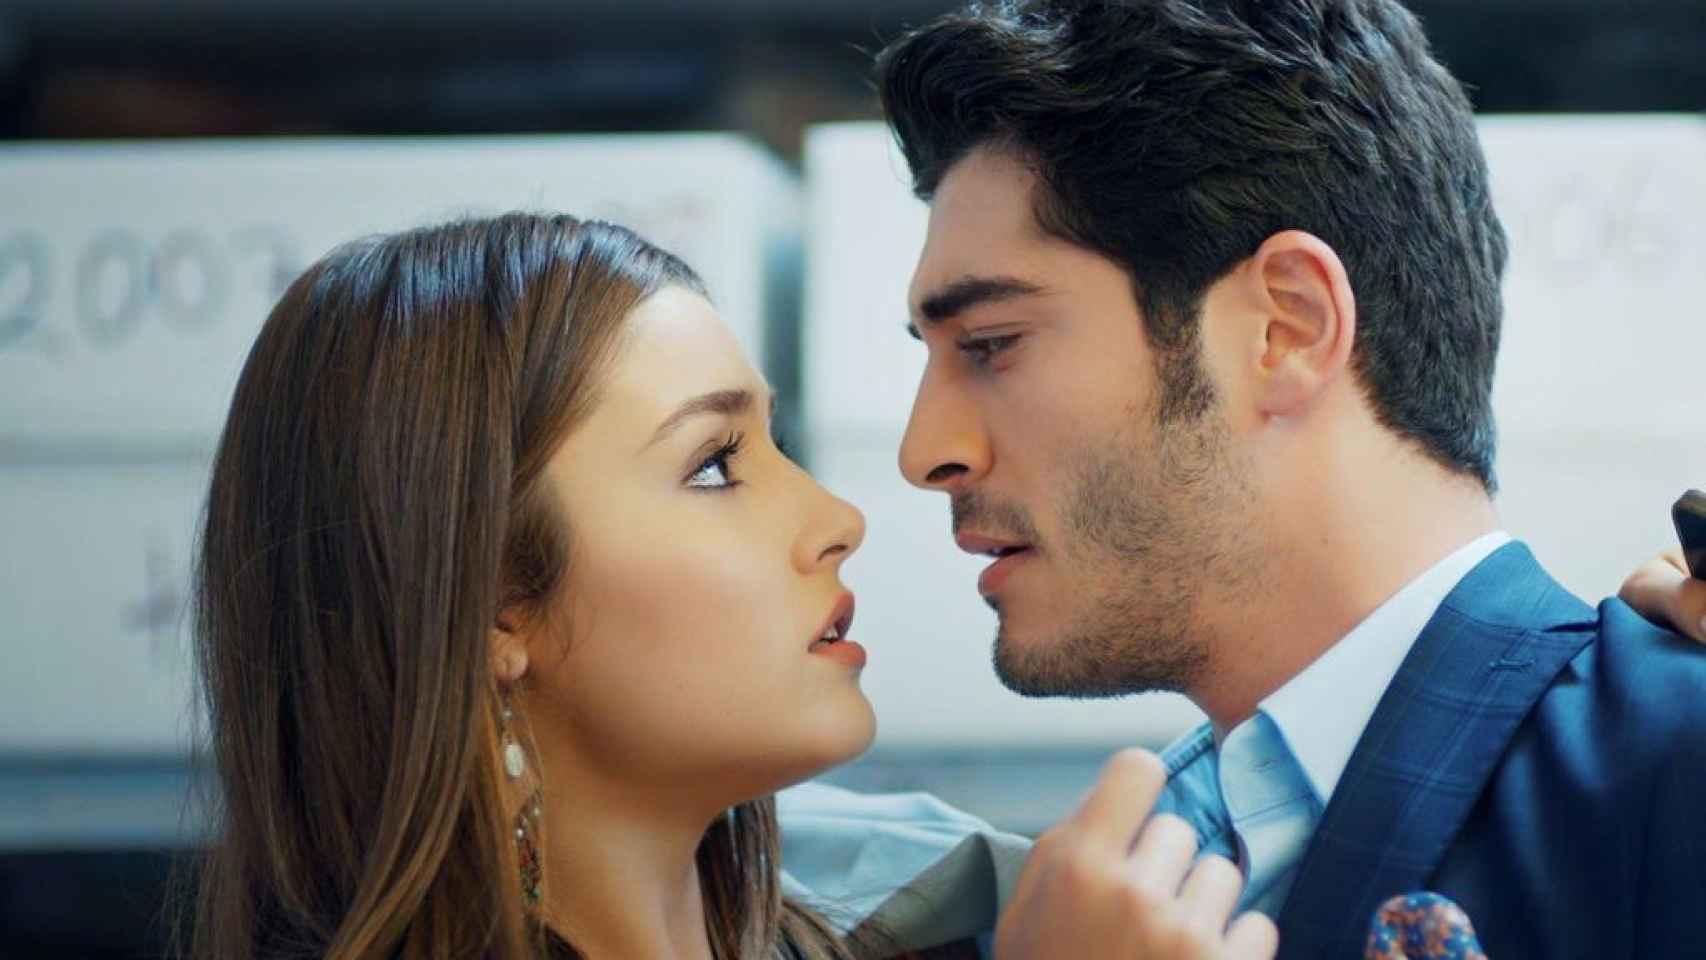 Hande Erçel, 'infiel' a Keren Bürsin: el lunes regresa a Divinity con otro romance en 'Hayat: amor sin palabras'